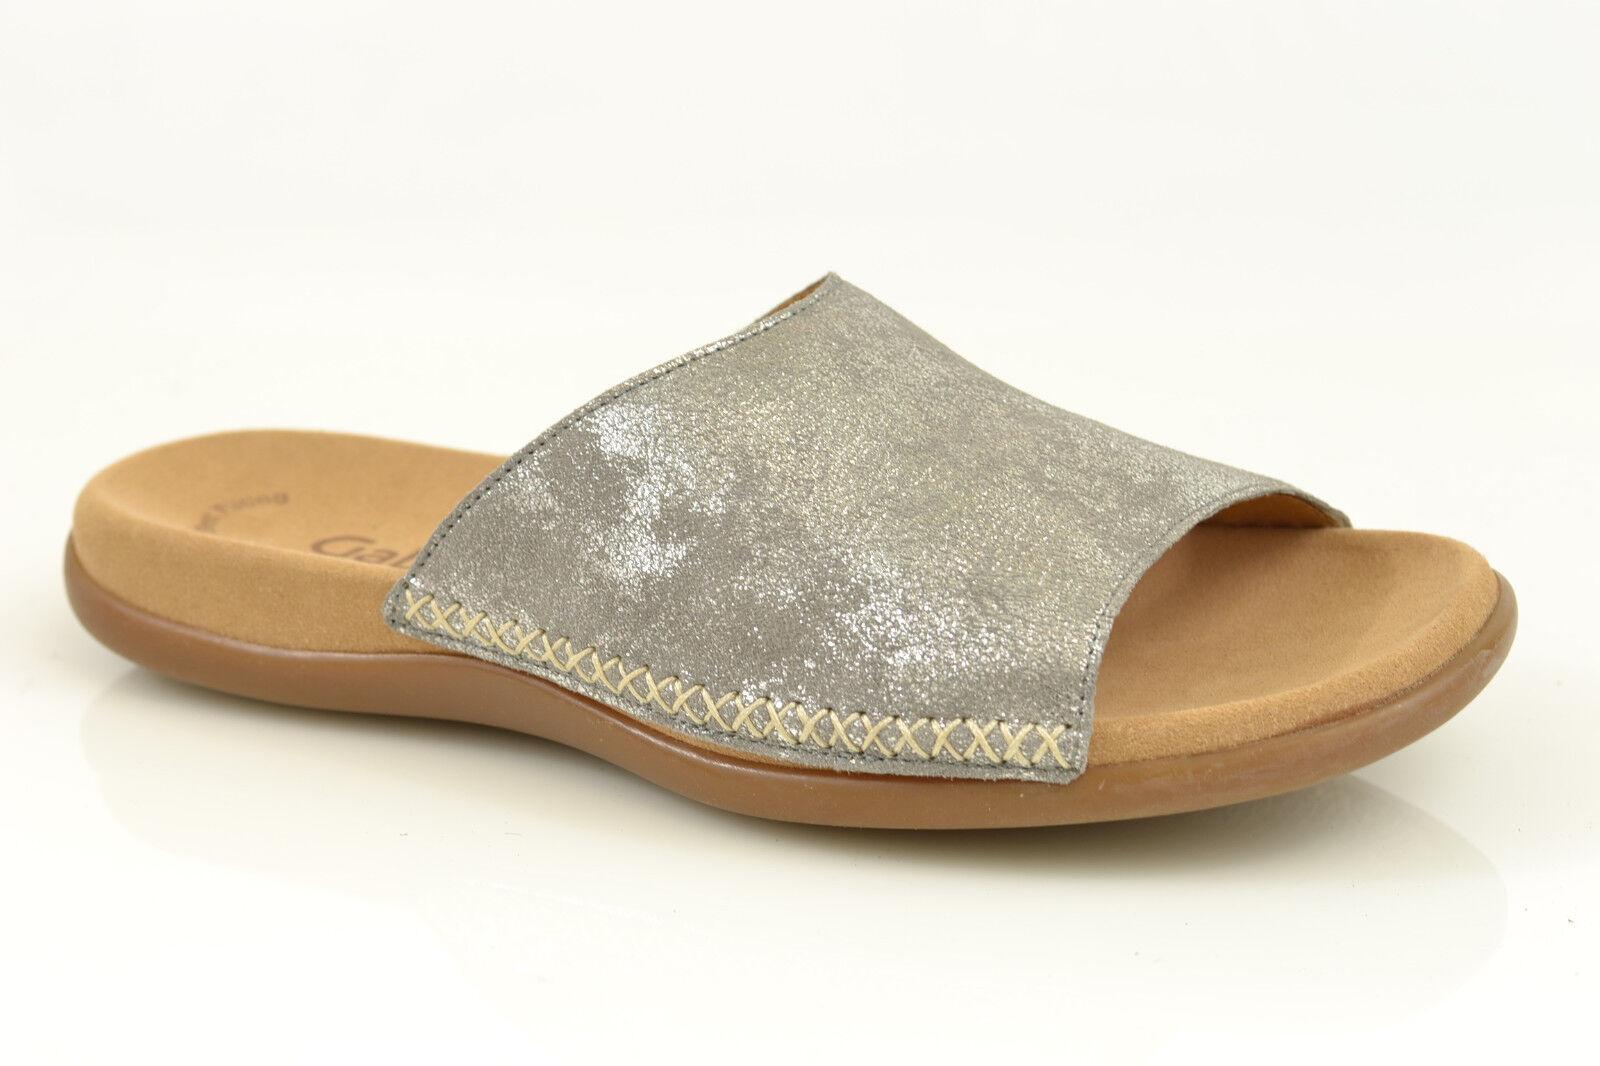 Gabor sandalia es es es zapatos de plata metálica nuevo cuero lecho 63.705.60 rojouce 472642